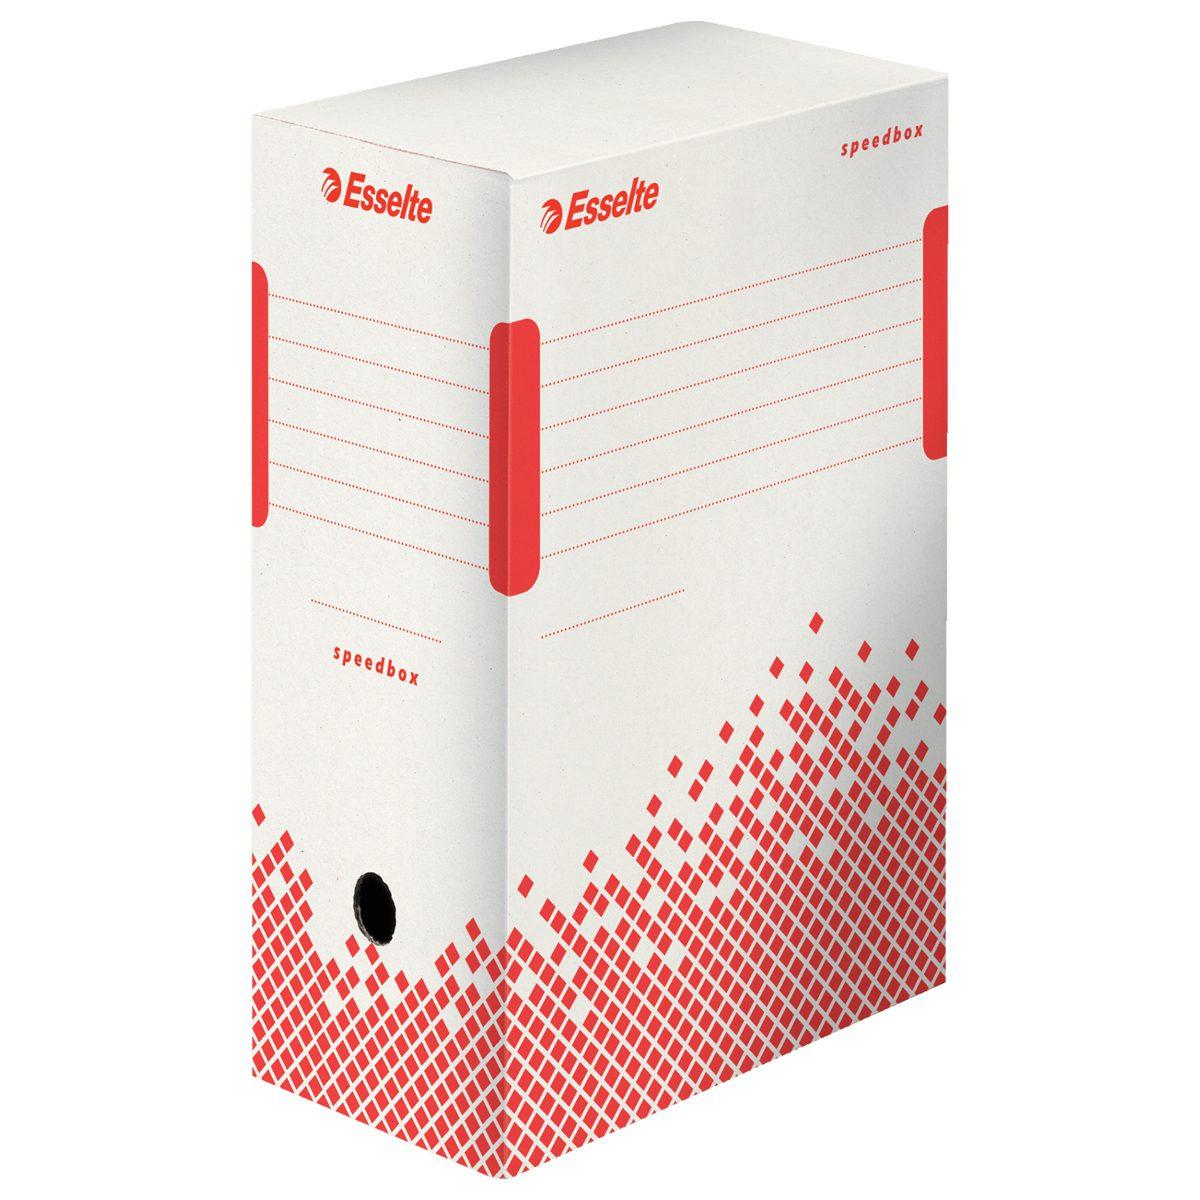 Cutie Pentru Arhivare, Speedbox 150, Esselte, 623909